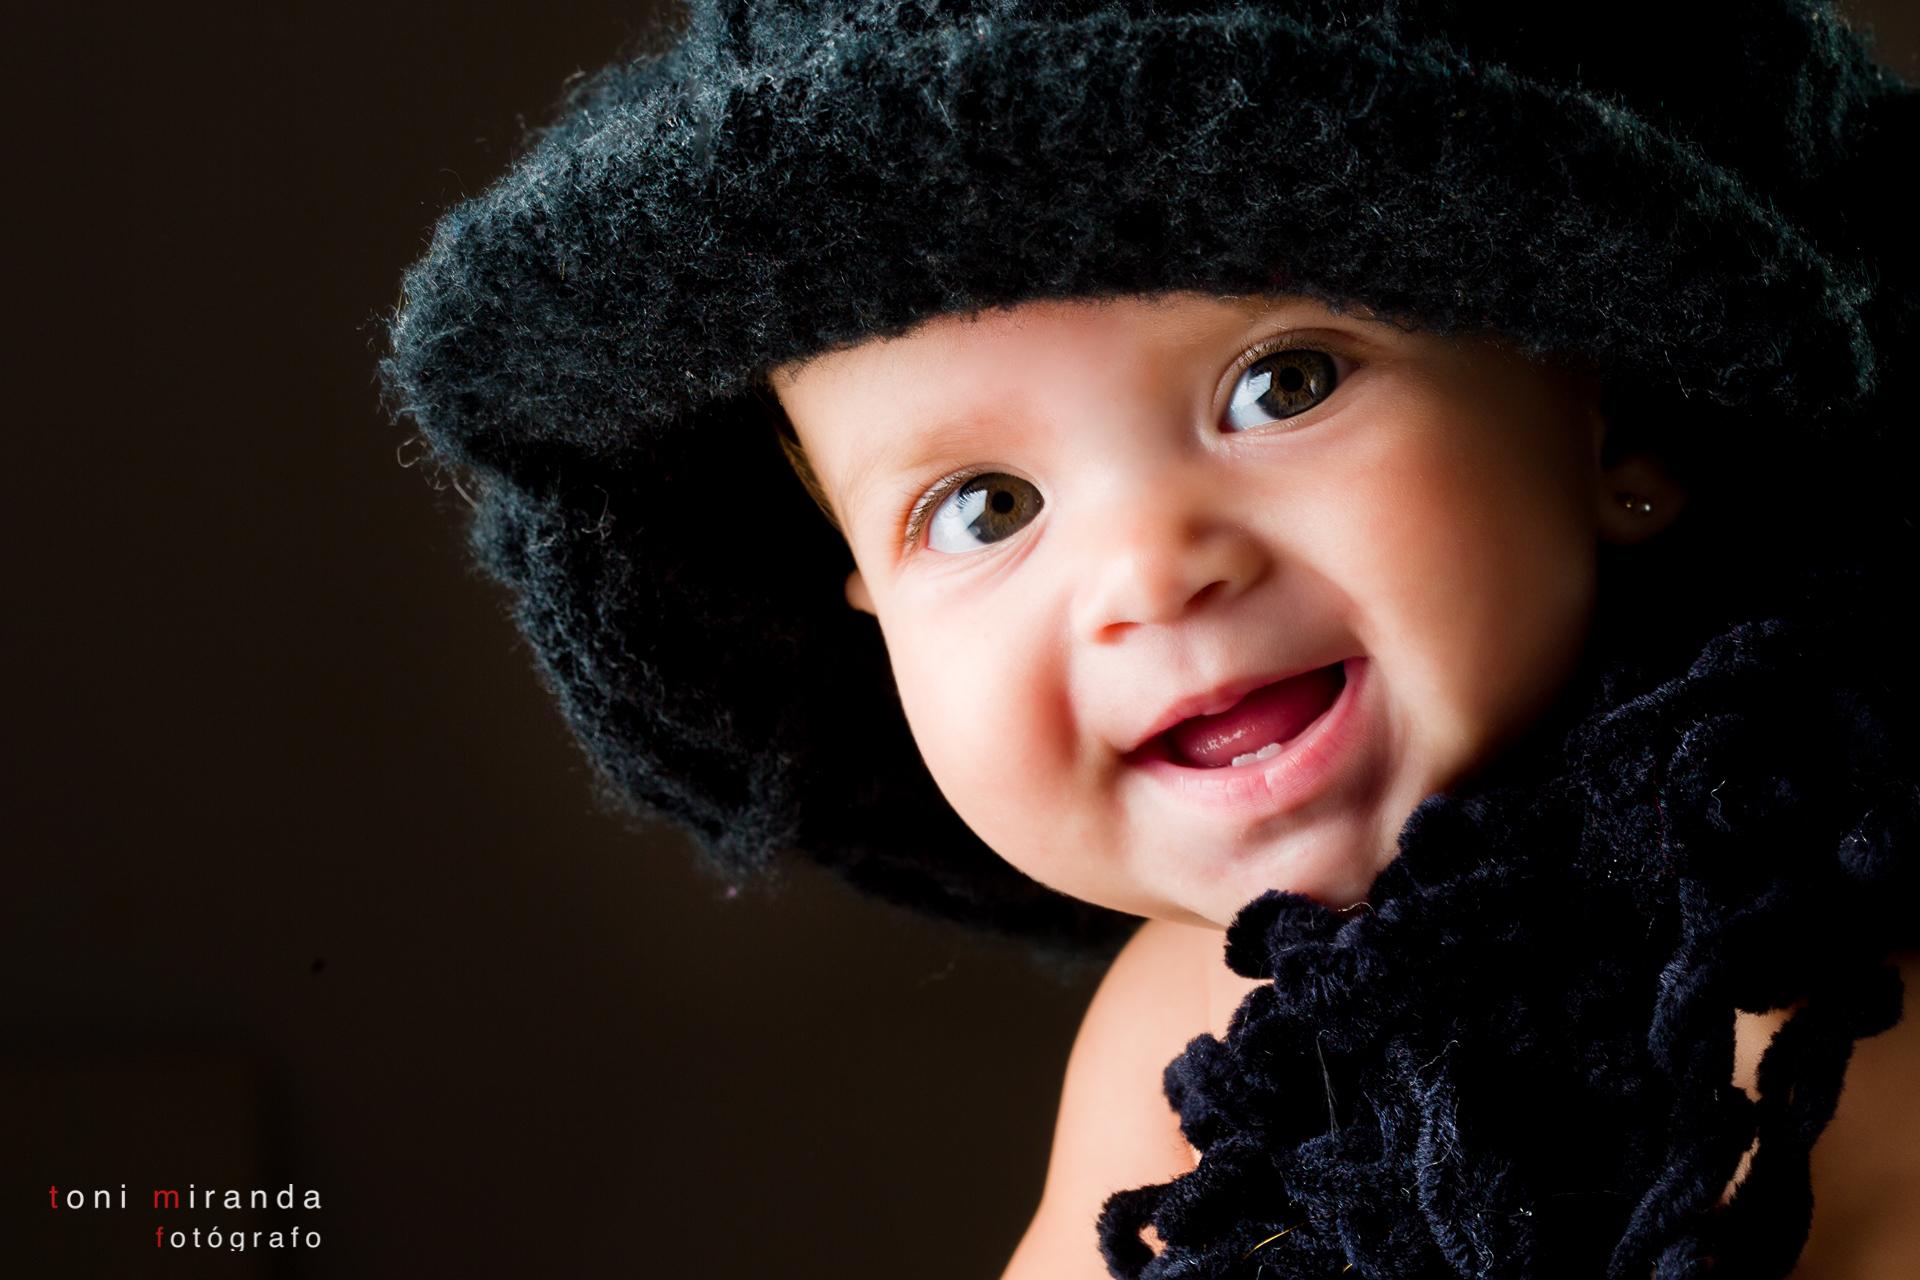 bebe de 6 meses con gorrito